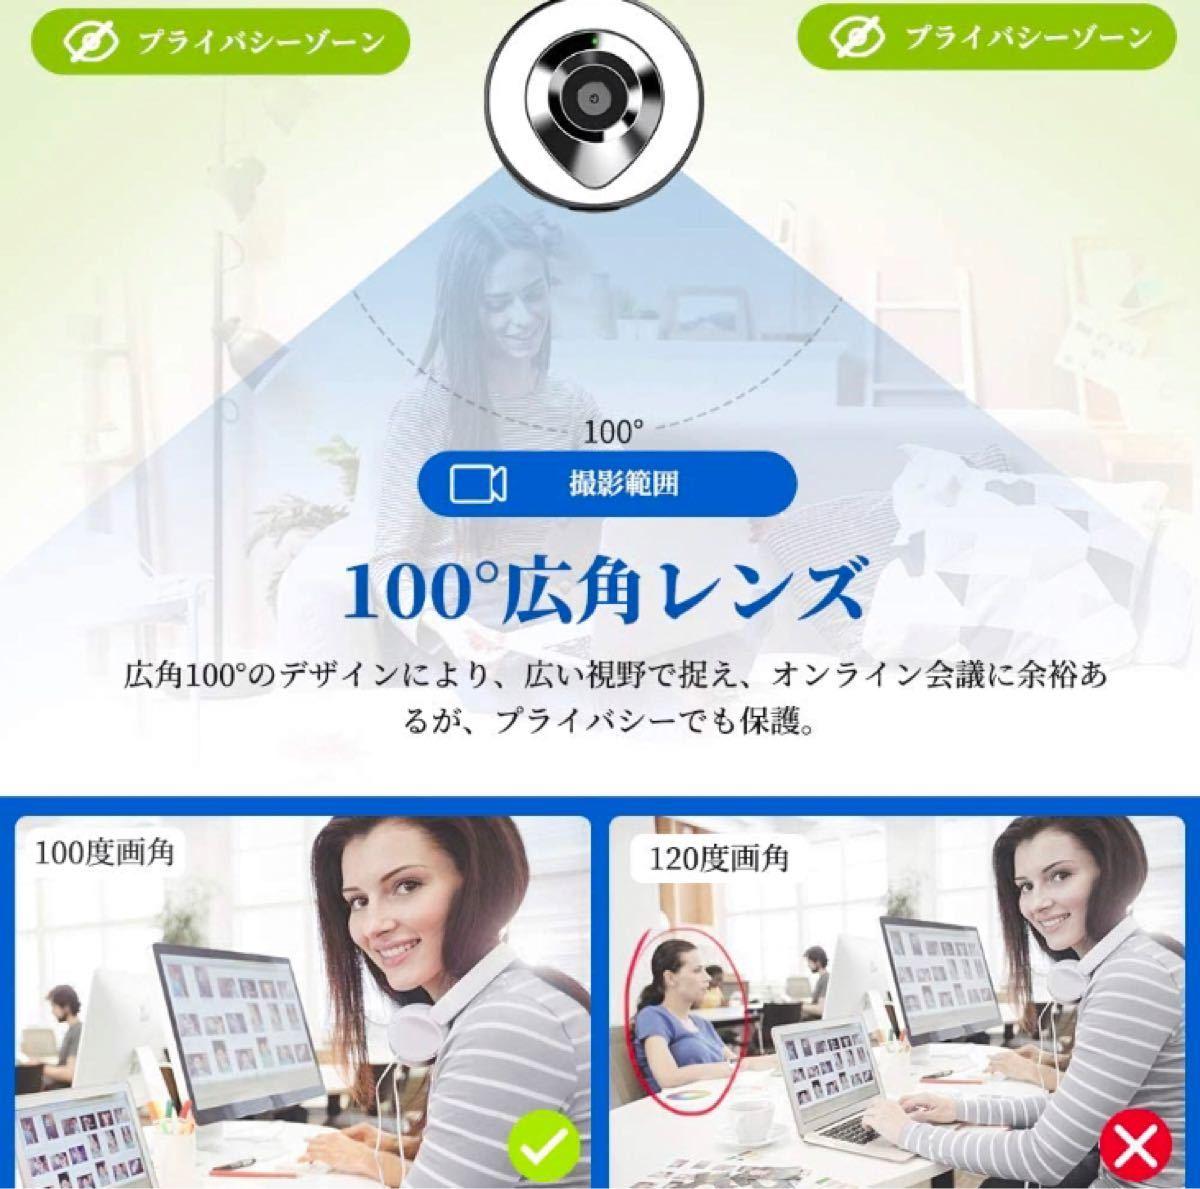 ウェブカメラ LEDライト フルHD 1080P 30FPS 高画質 200万画素 X-Kim webカメラ デュアルマイク内蔵